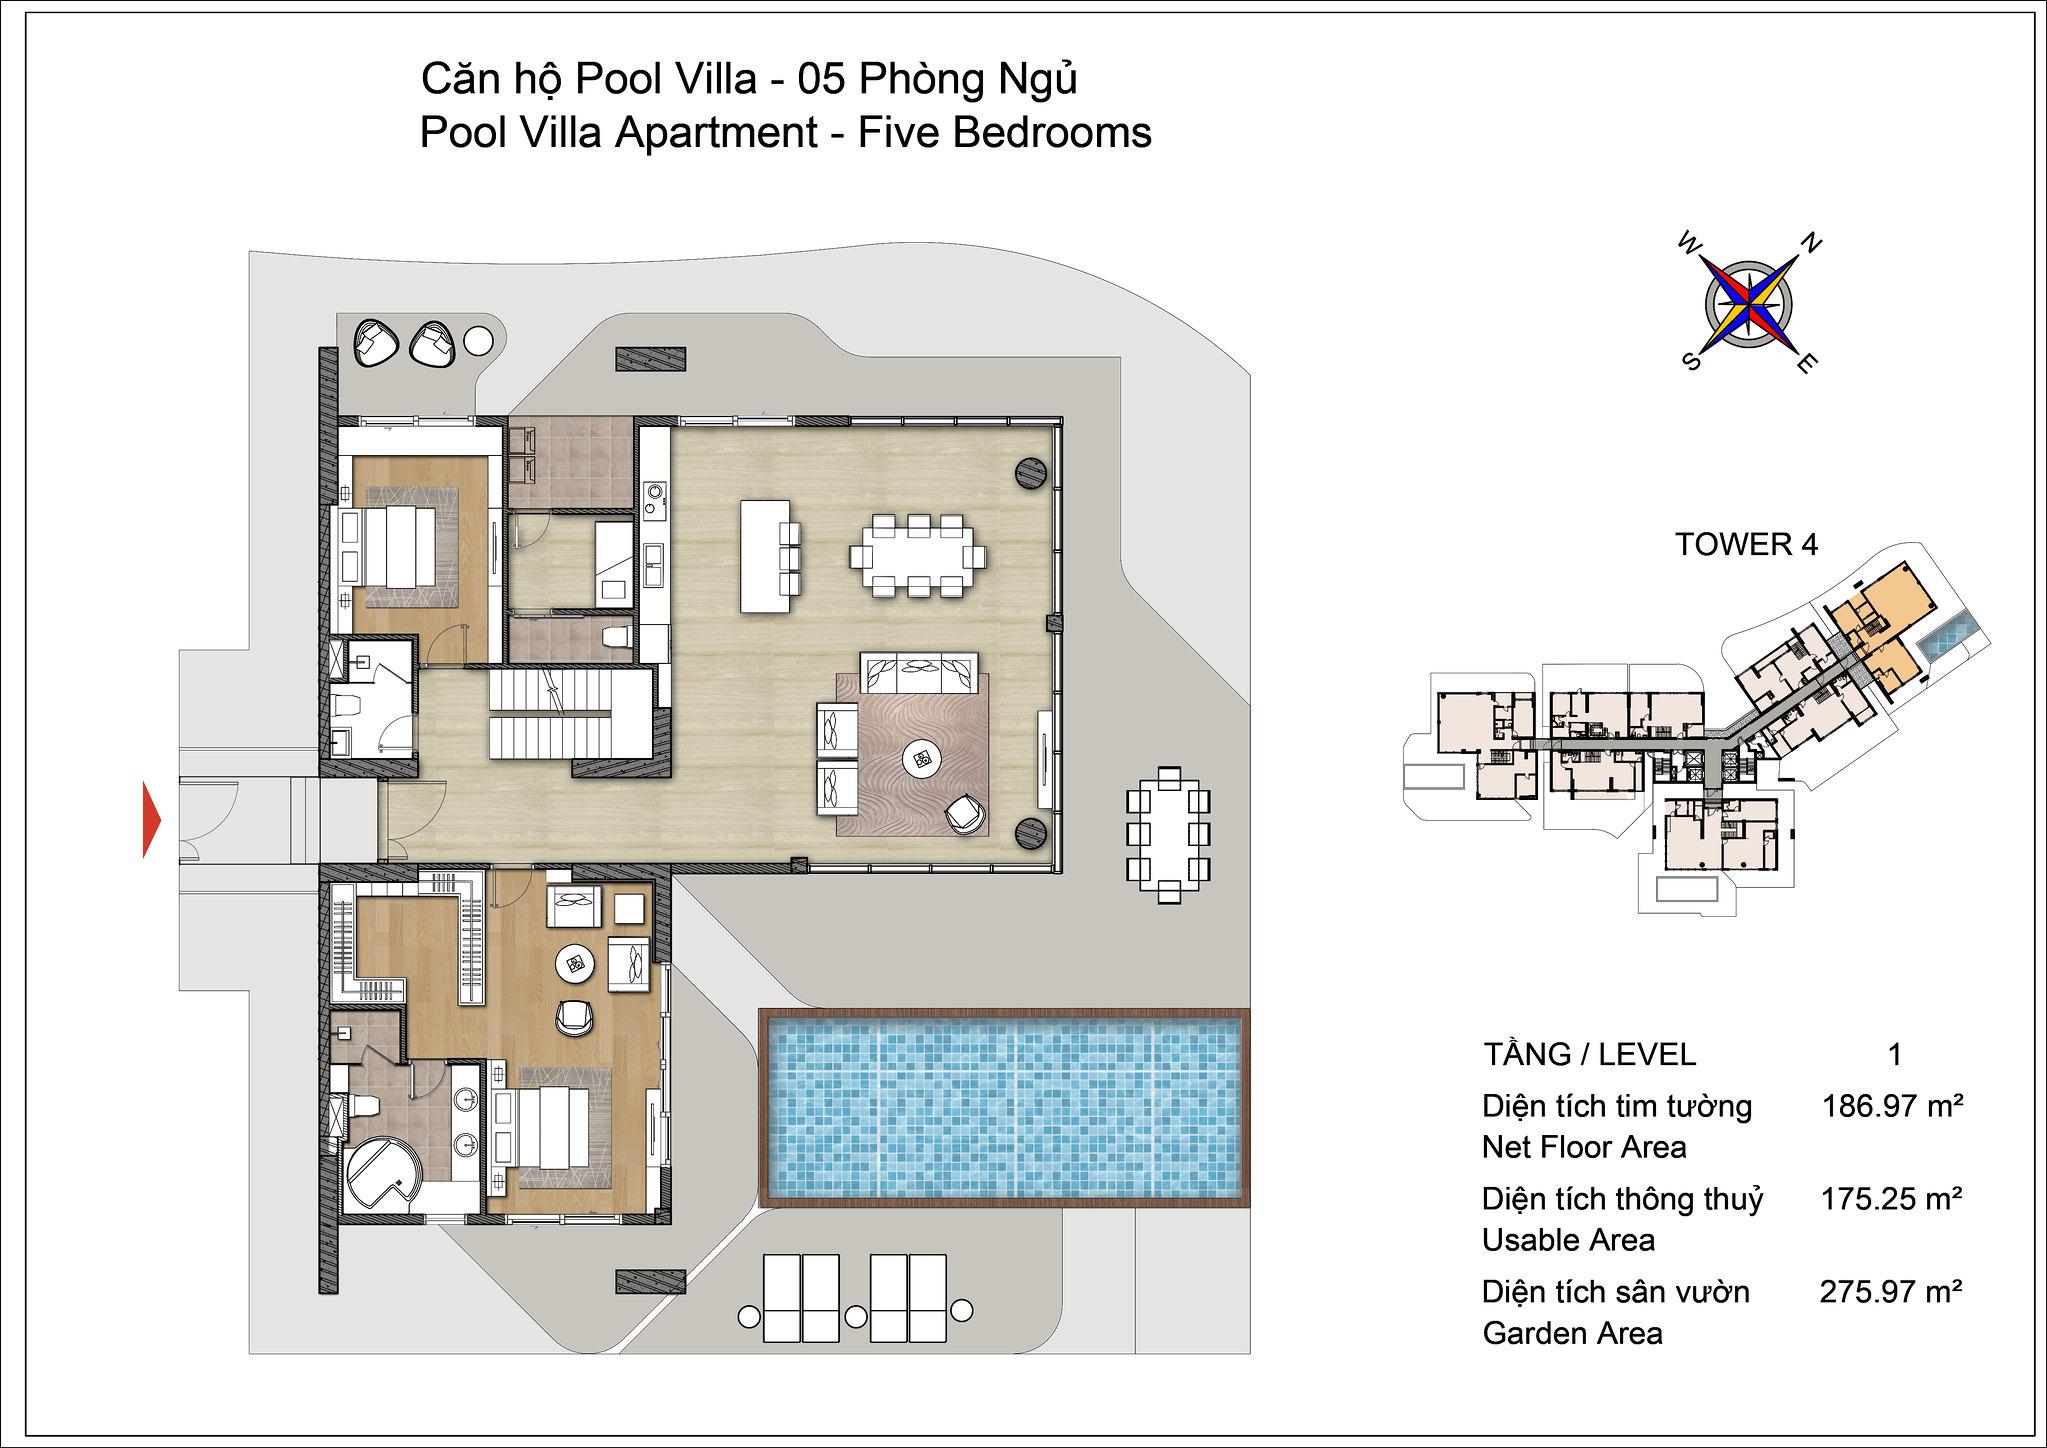 Thiết kế tầng 1 Pool Villa Đảo Kim Cương